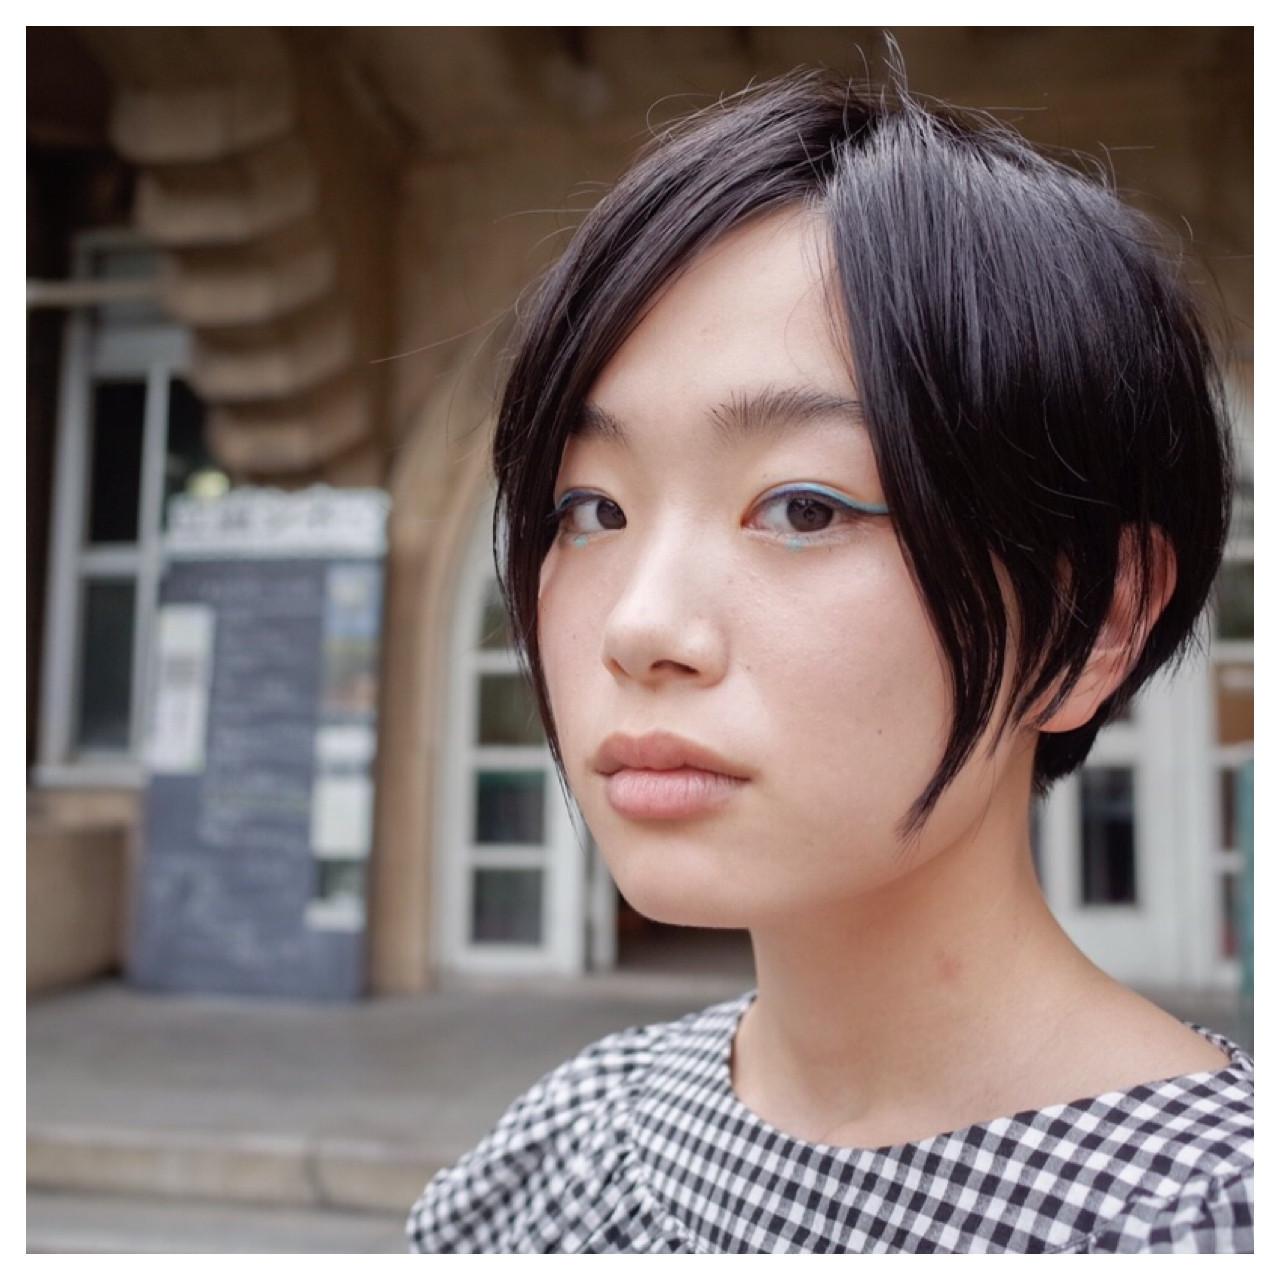 耳かけ 小顔 大人女子 アシメバング ヘアスタイルや髪型の写真・画像